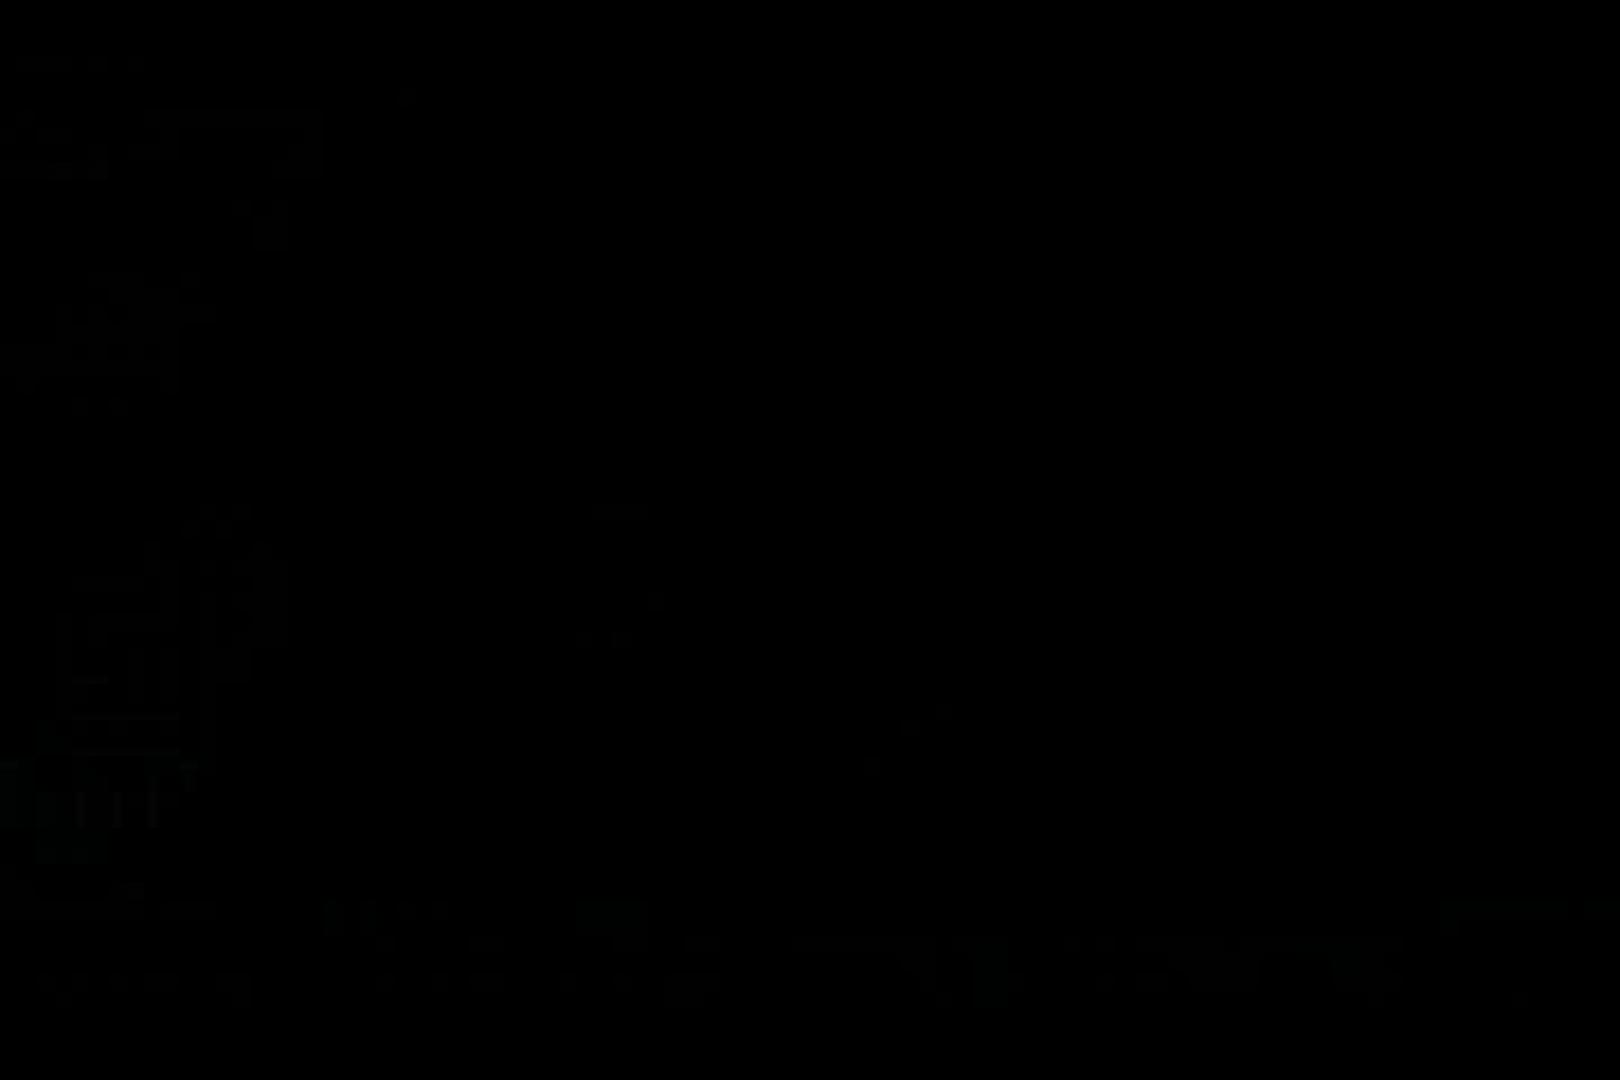 ぶっ掛け電車 只今運行中Vol.6 制服 オメコ動画キャプチャ 86画像 22